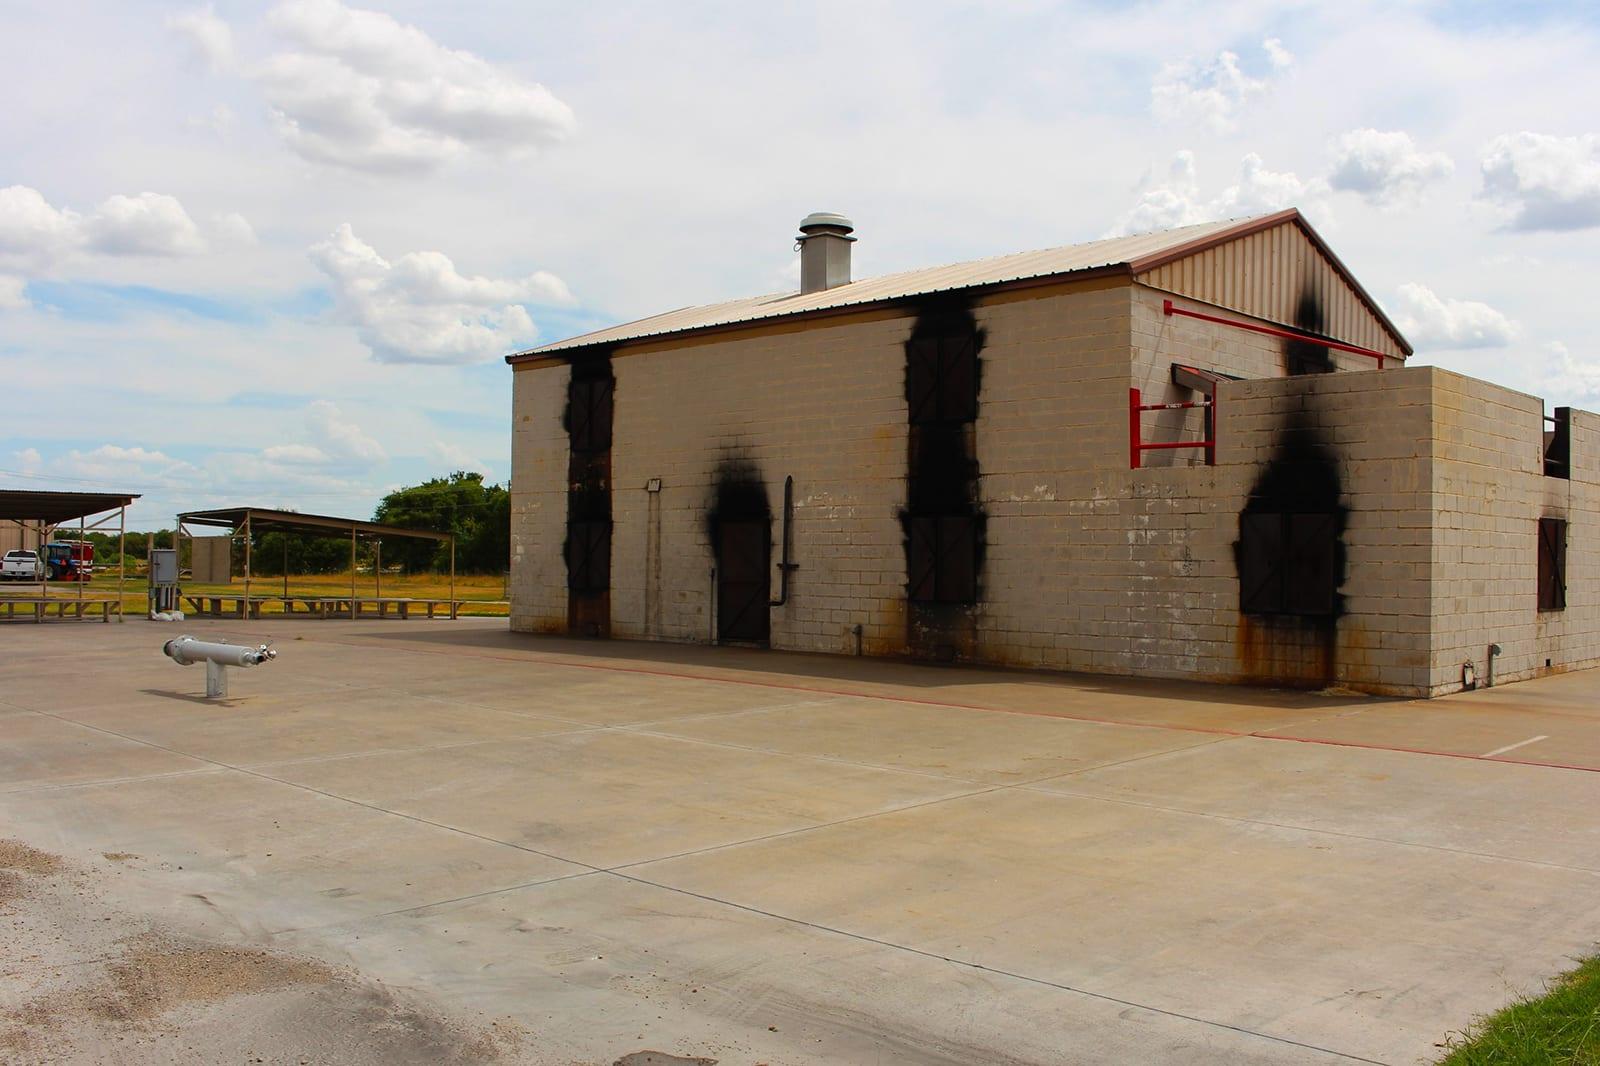 Texas Fire Academy building